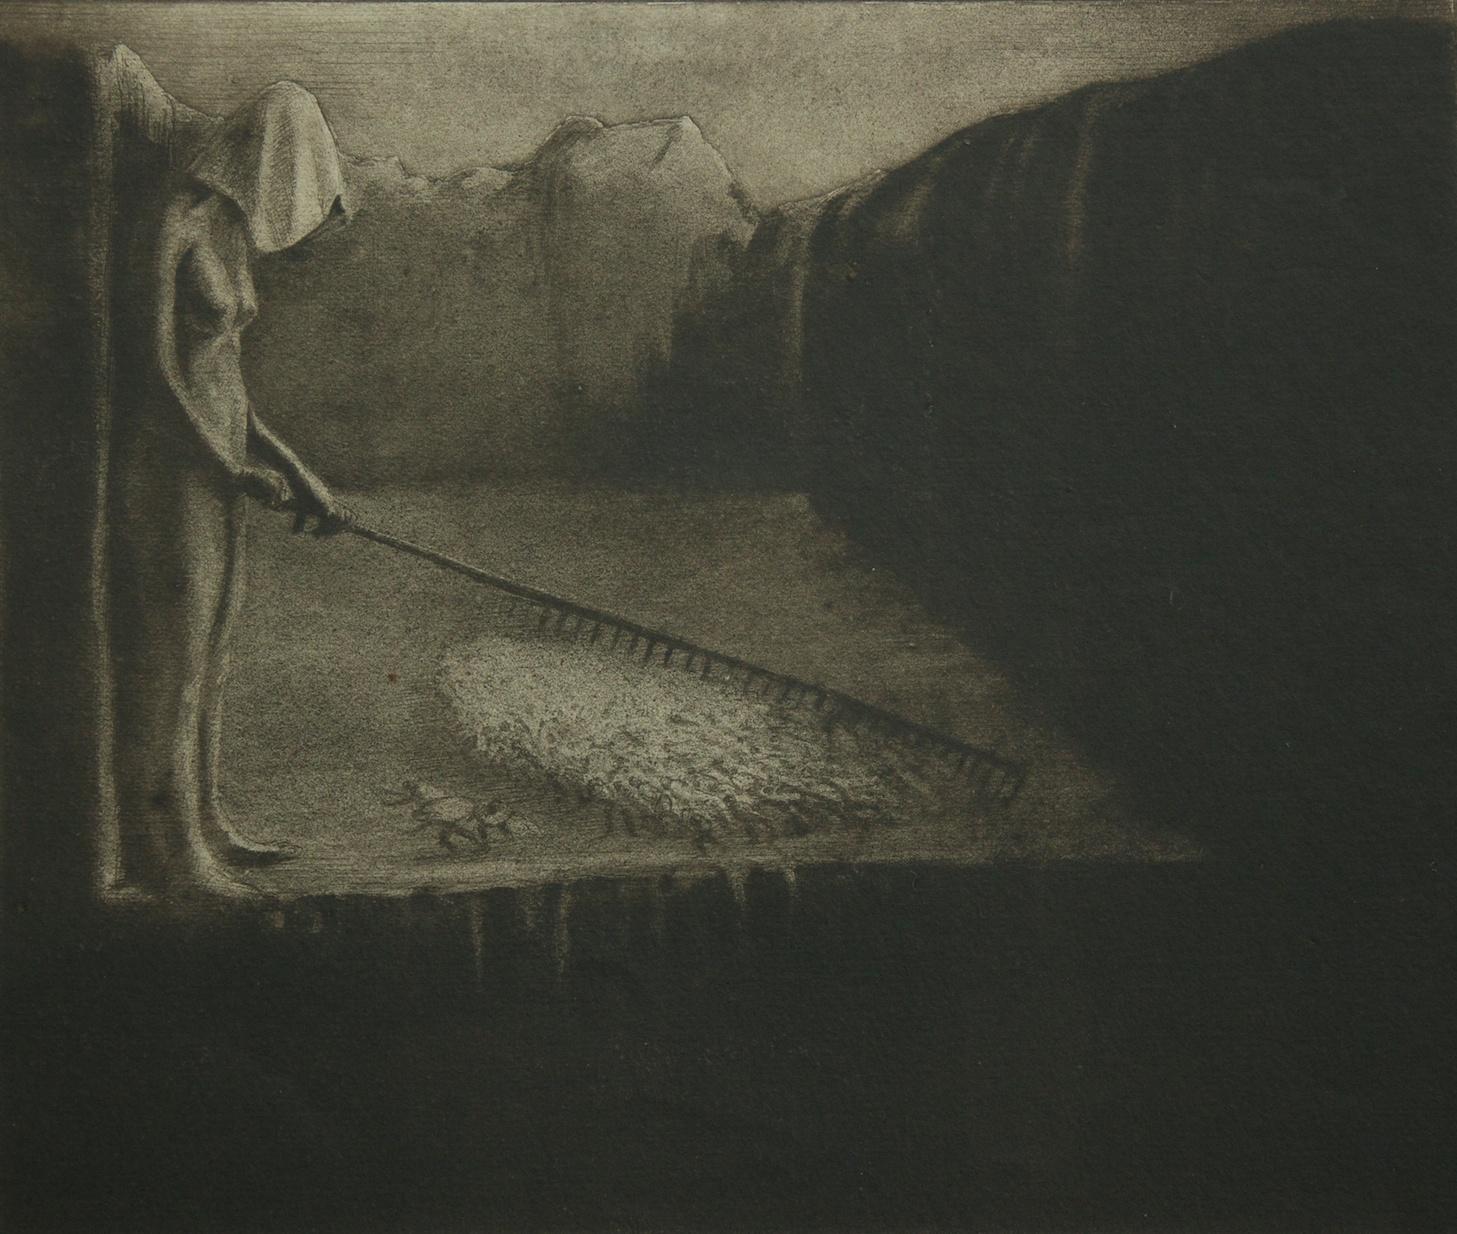 Das Menschenschicksal - collagraphy (collografia) - 1903